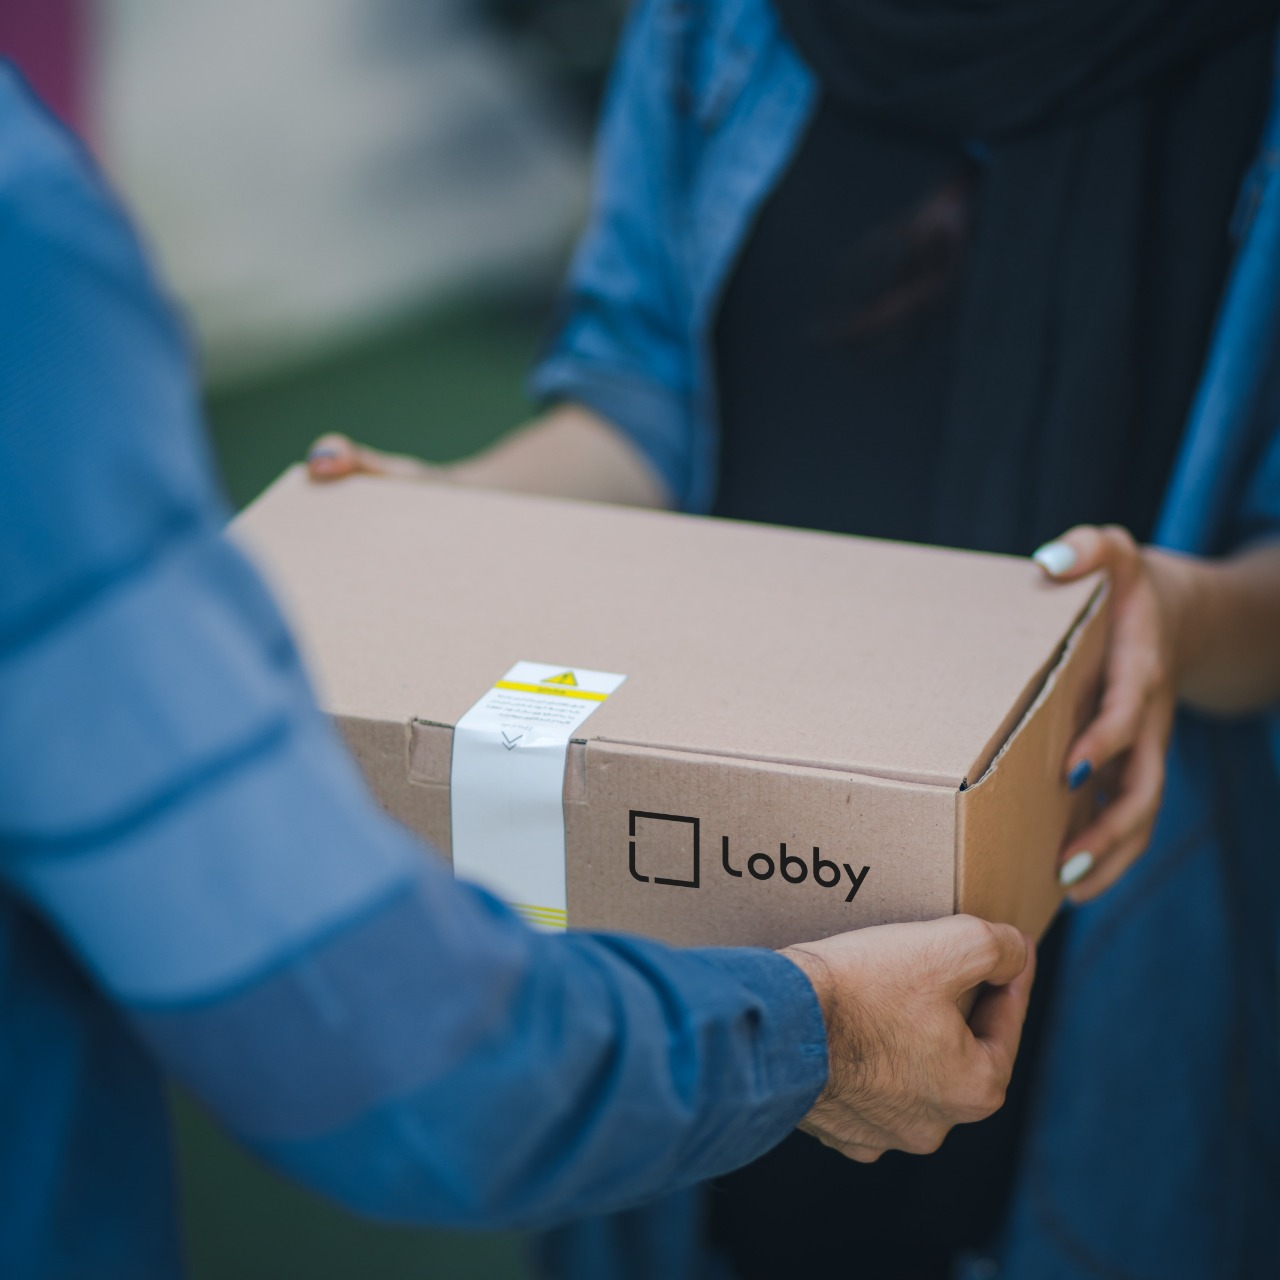 logistica-kits-boas-vindas